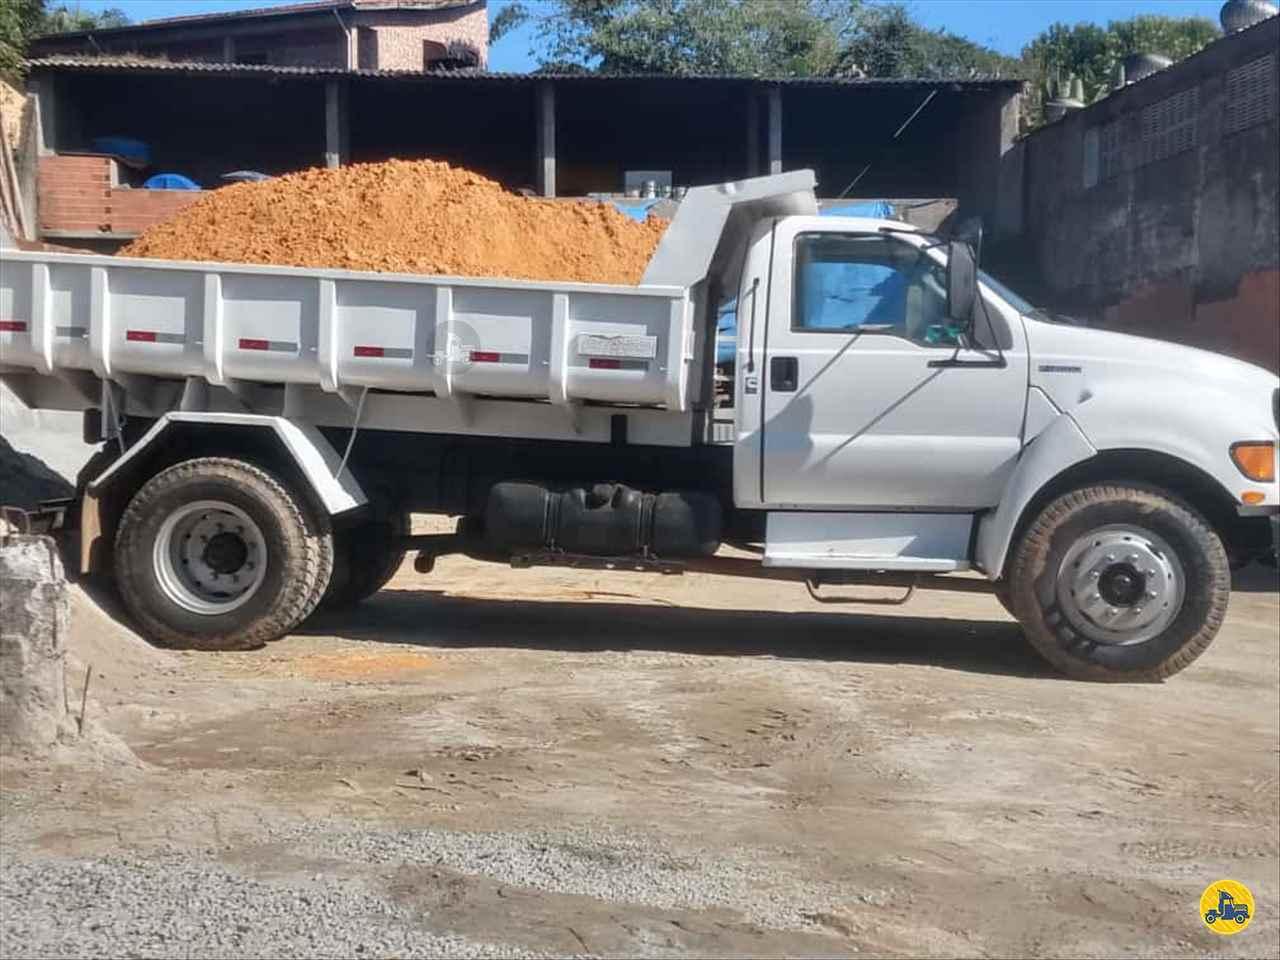 CAMINHAO GM D12000 Caçamba Basculante Toco 4x2 Wilson Caminhões RIBEIRAO PIRES SÃO PAULO SP